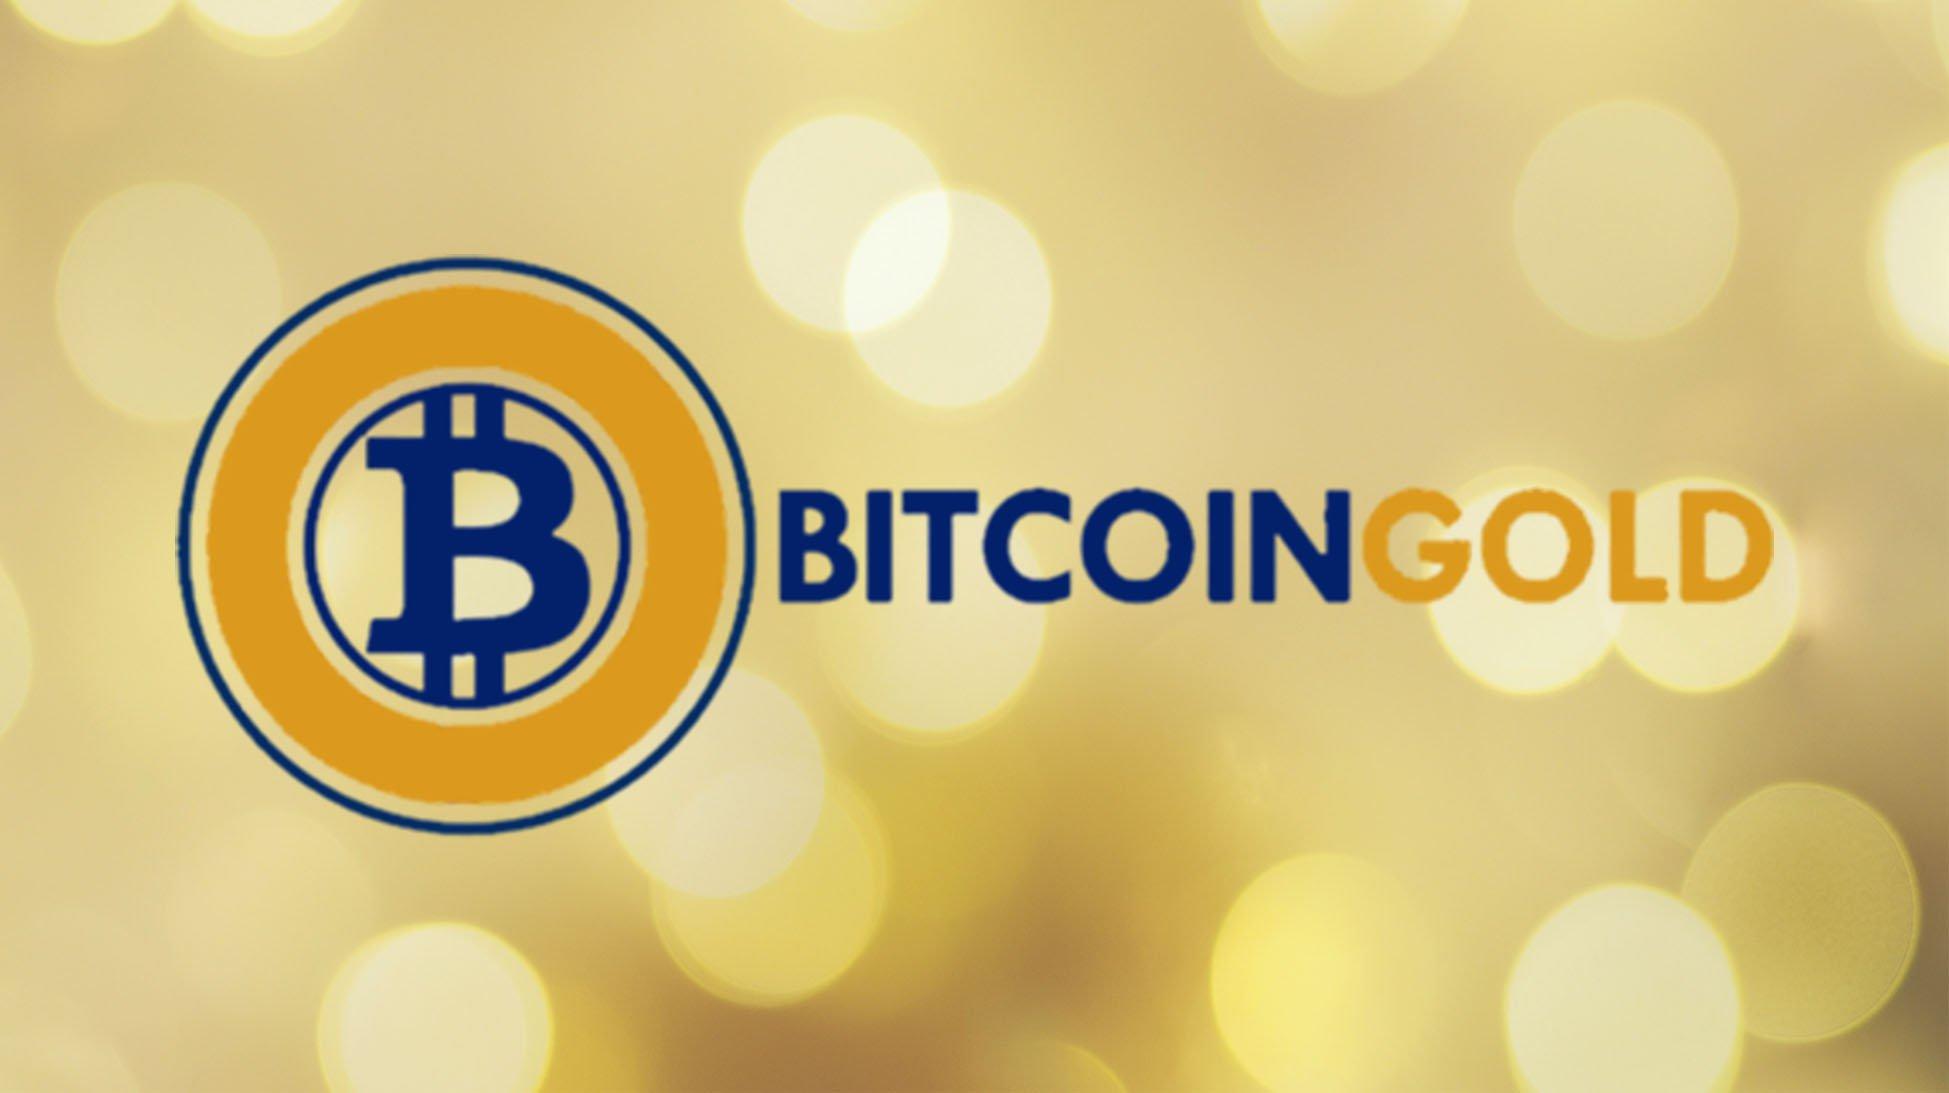 bitcoin oder litecoin kaufen bittrex bitcoin gold claim